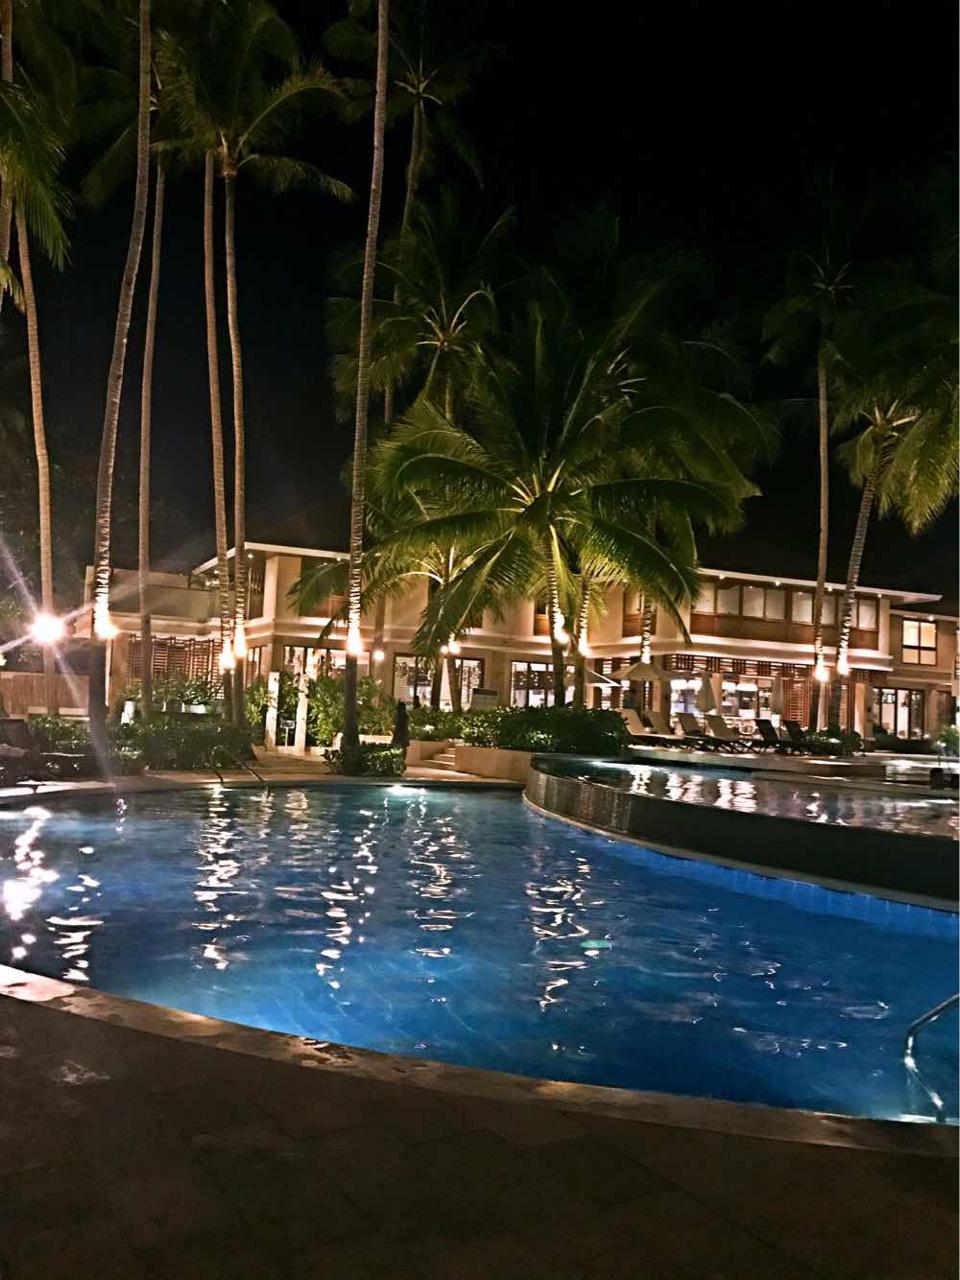 菲律宾宿雾薄荷岛4晚5日游 包机直飞,度假伊甸园,一天自由活动,2晚宿雾2晚度假村,奇景巧克力山,迷你眼镜猴 成人 儿童 房差宿雾 第一次在驴